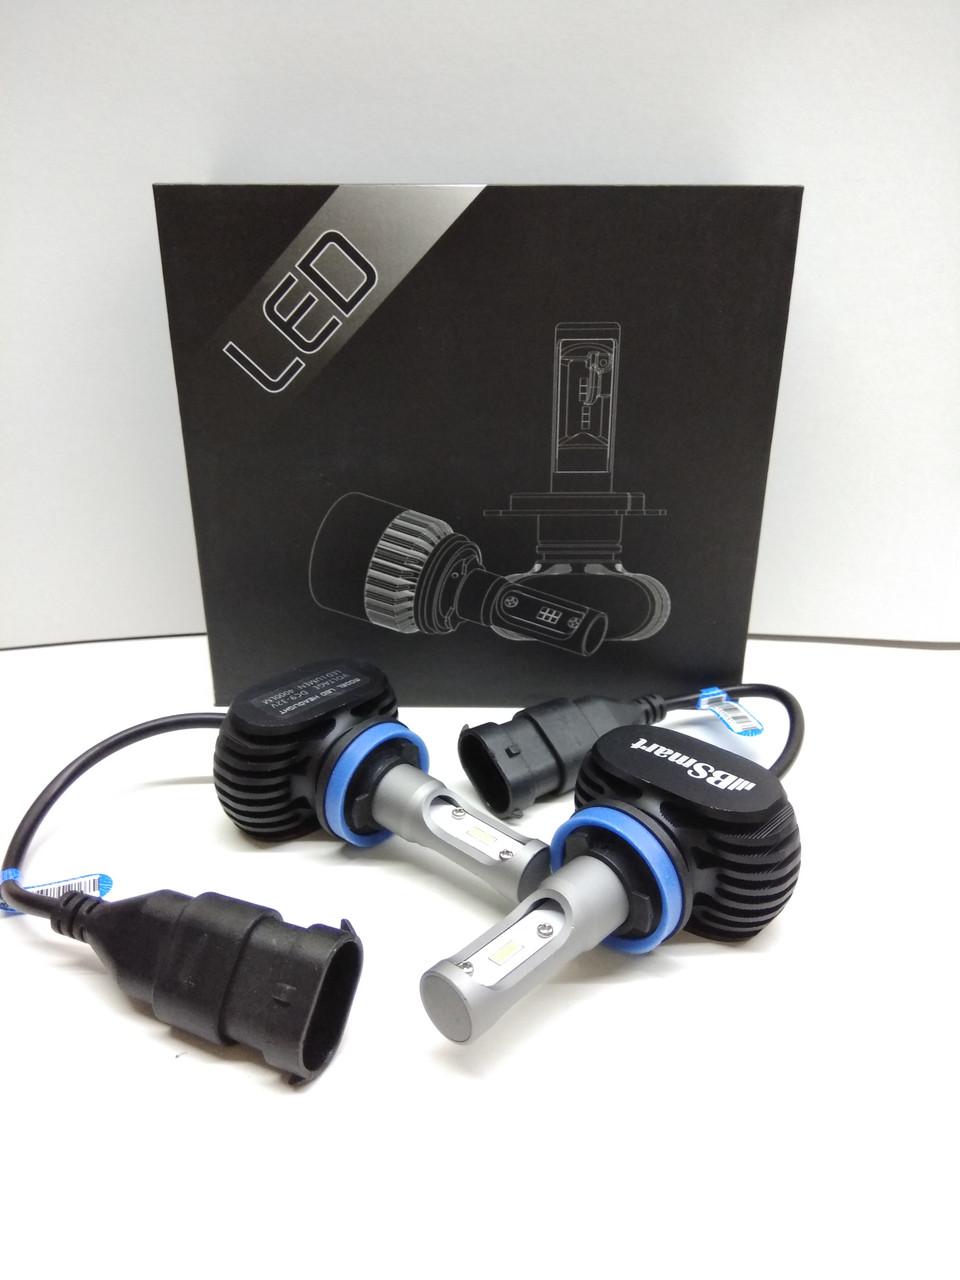 Автолампы LED S1 CSP(Южная Корея), H16 JP, 8000LM, 50W, 9-32V